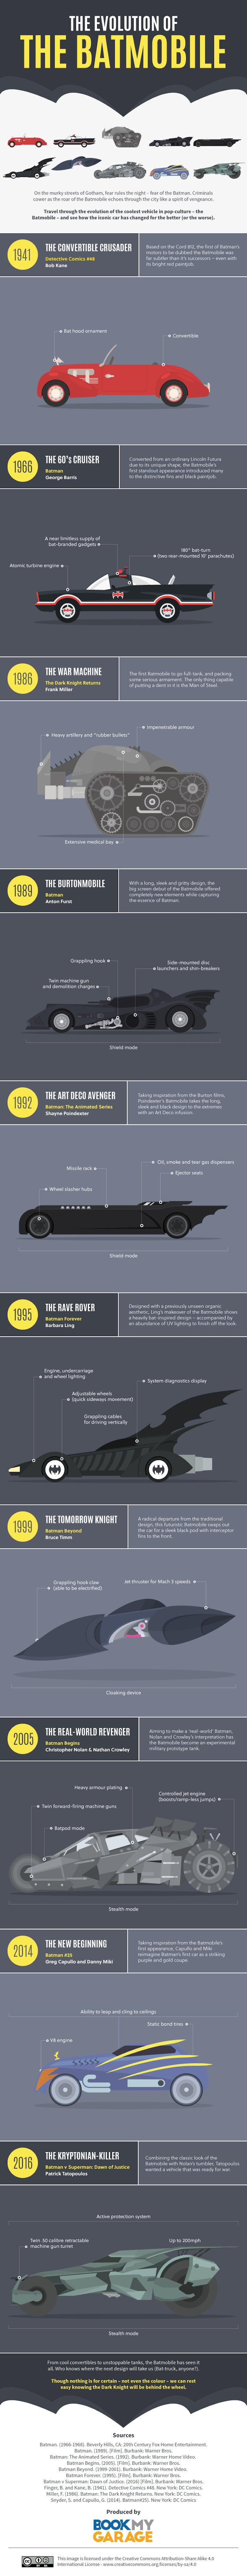 Alerones y ametralladoras: la evolución del batmóvil, resumida en una infografía